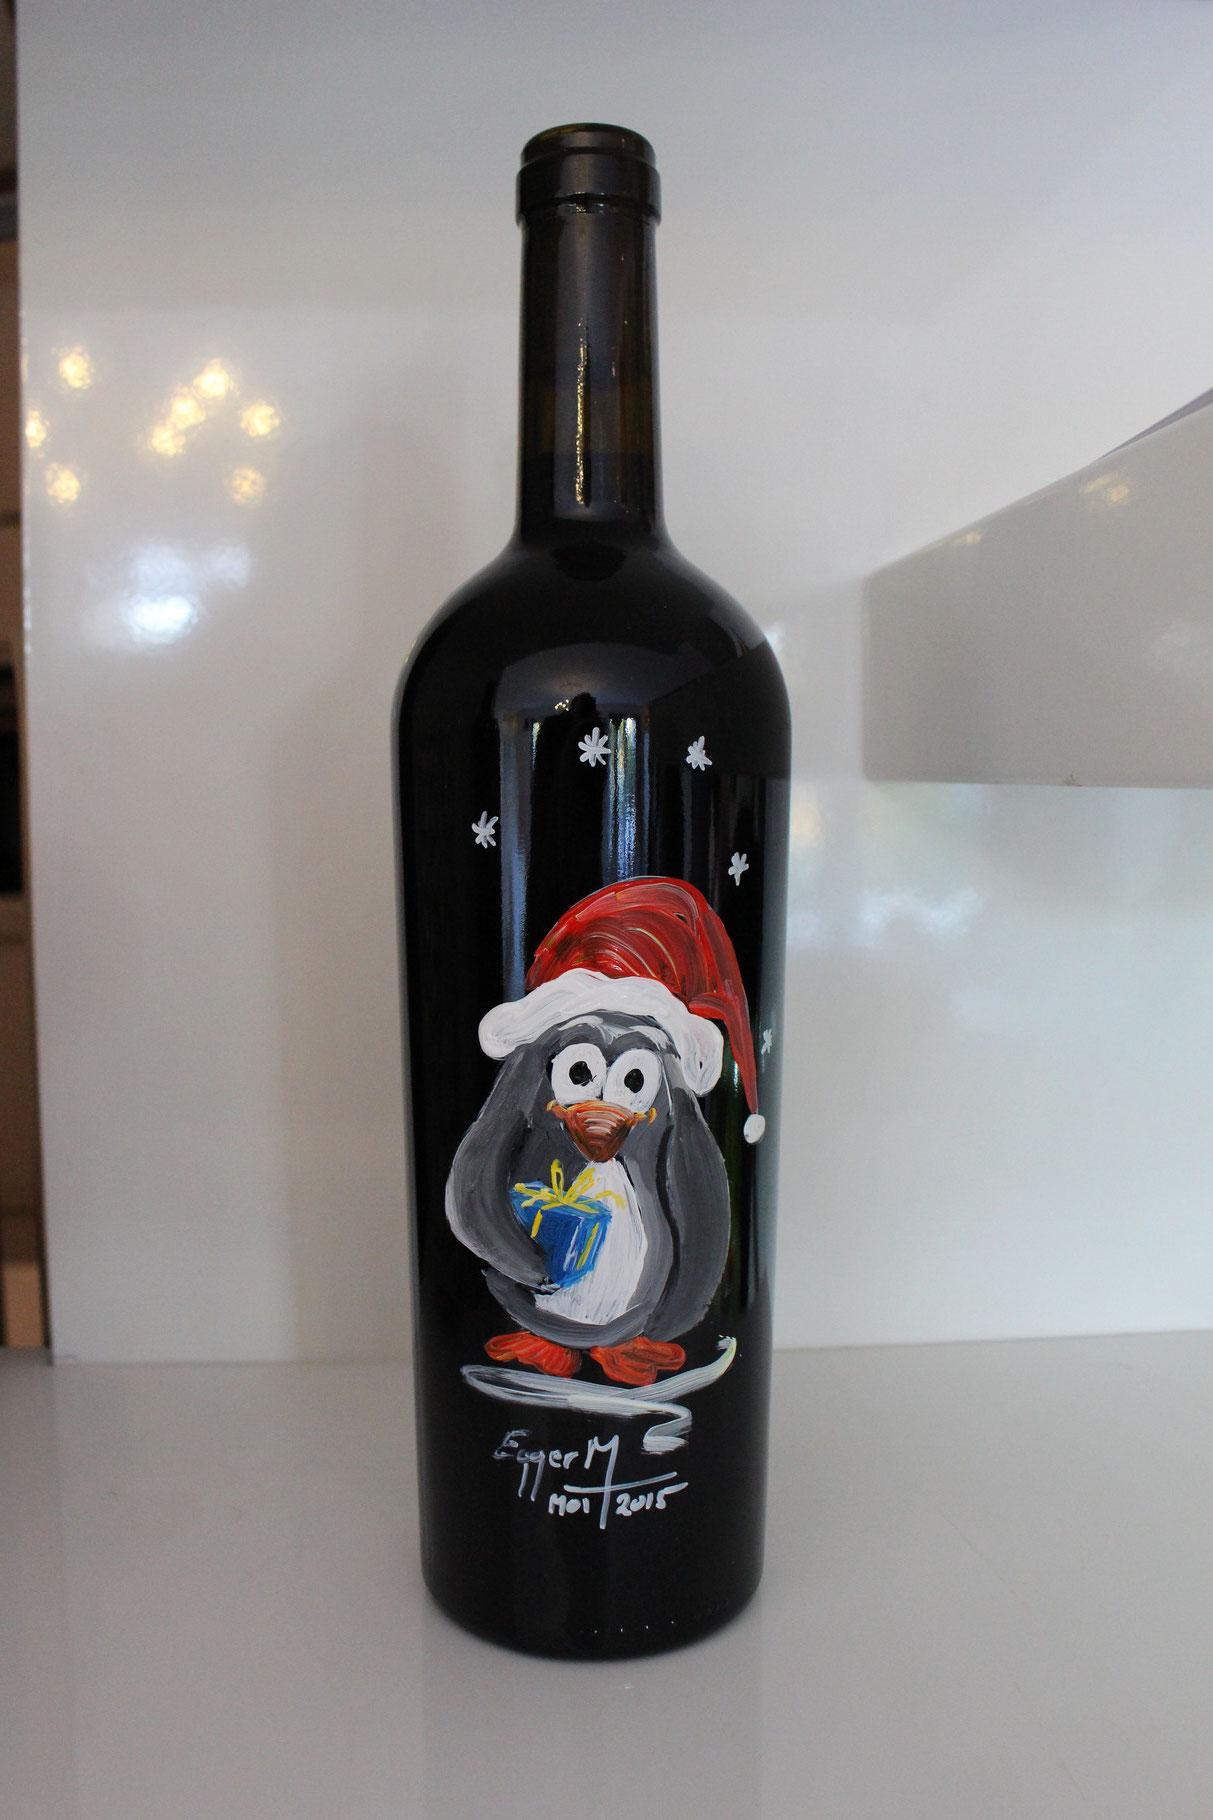 ...Pinguin - Paul mit Geschenk